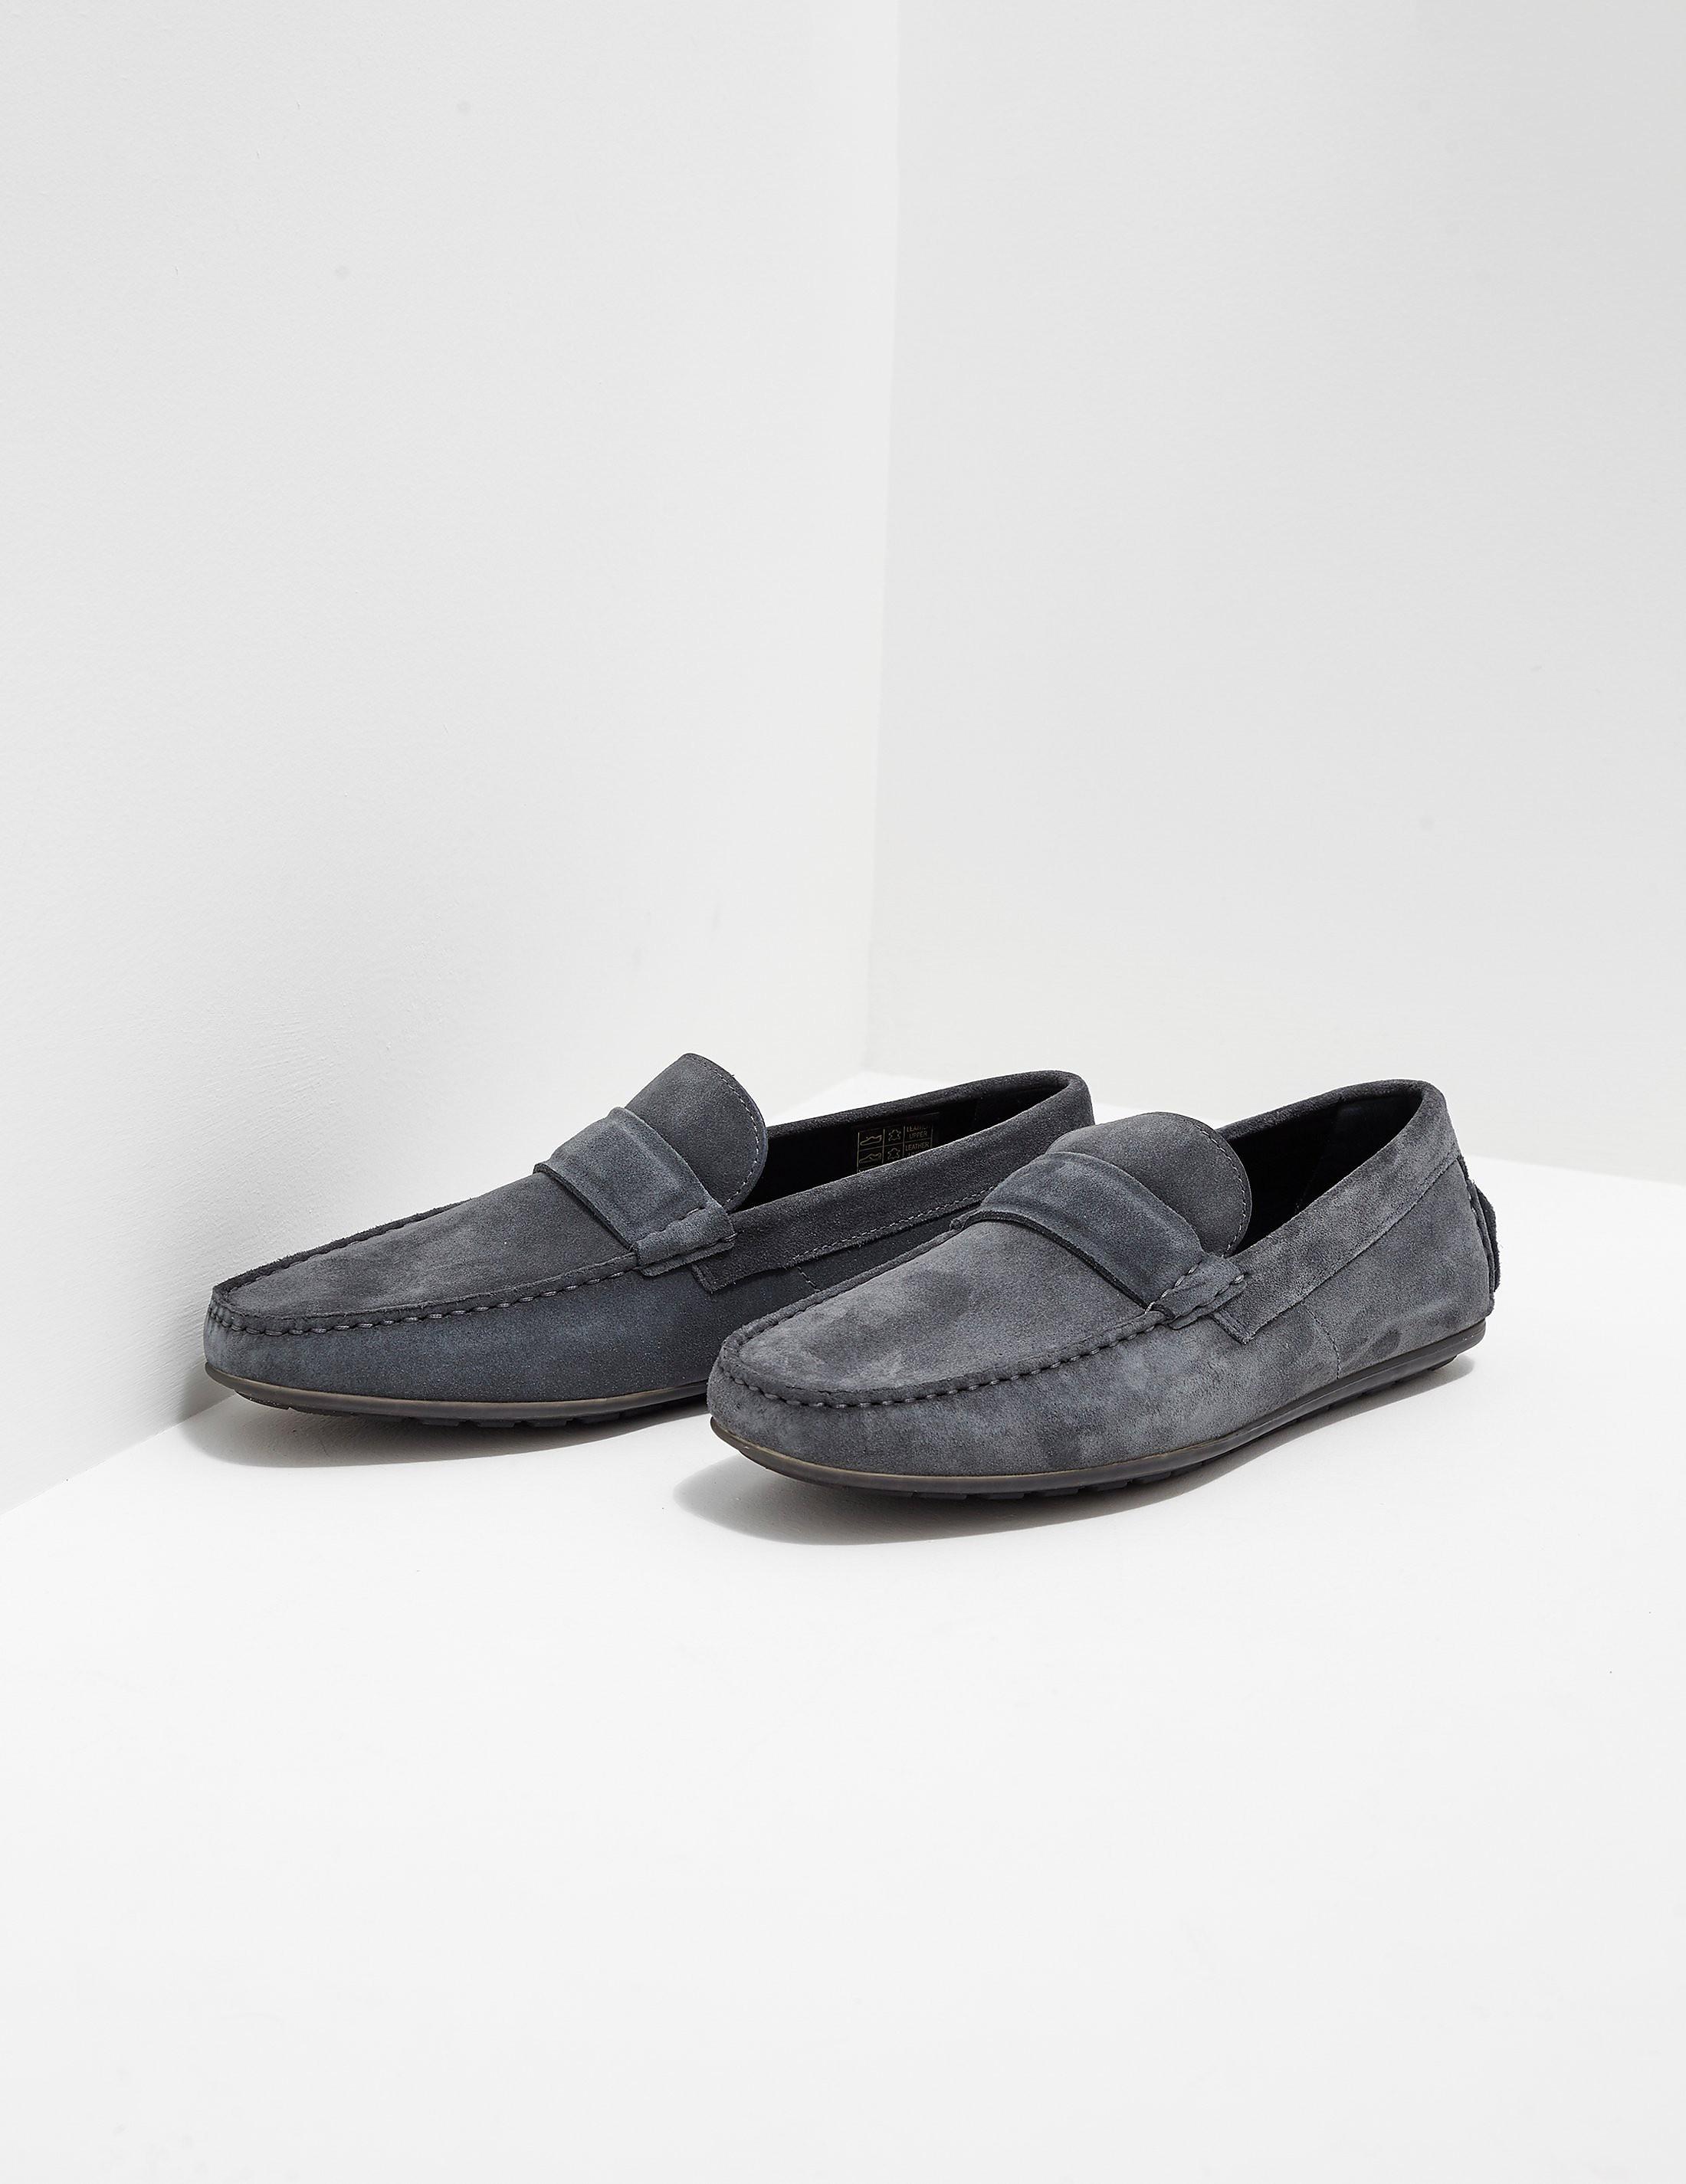 HUGO Dandy Slip-On Shoe